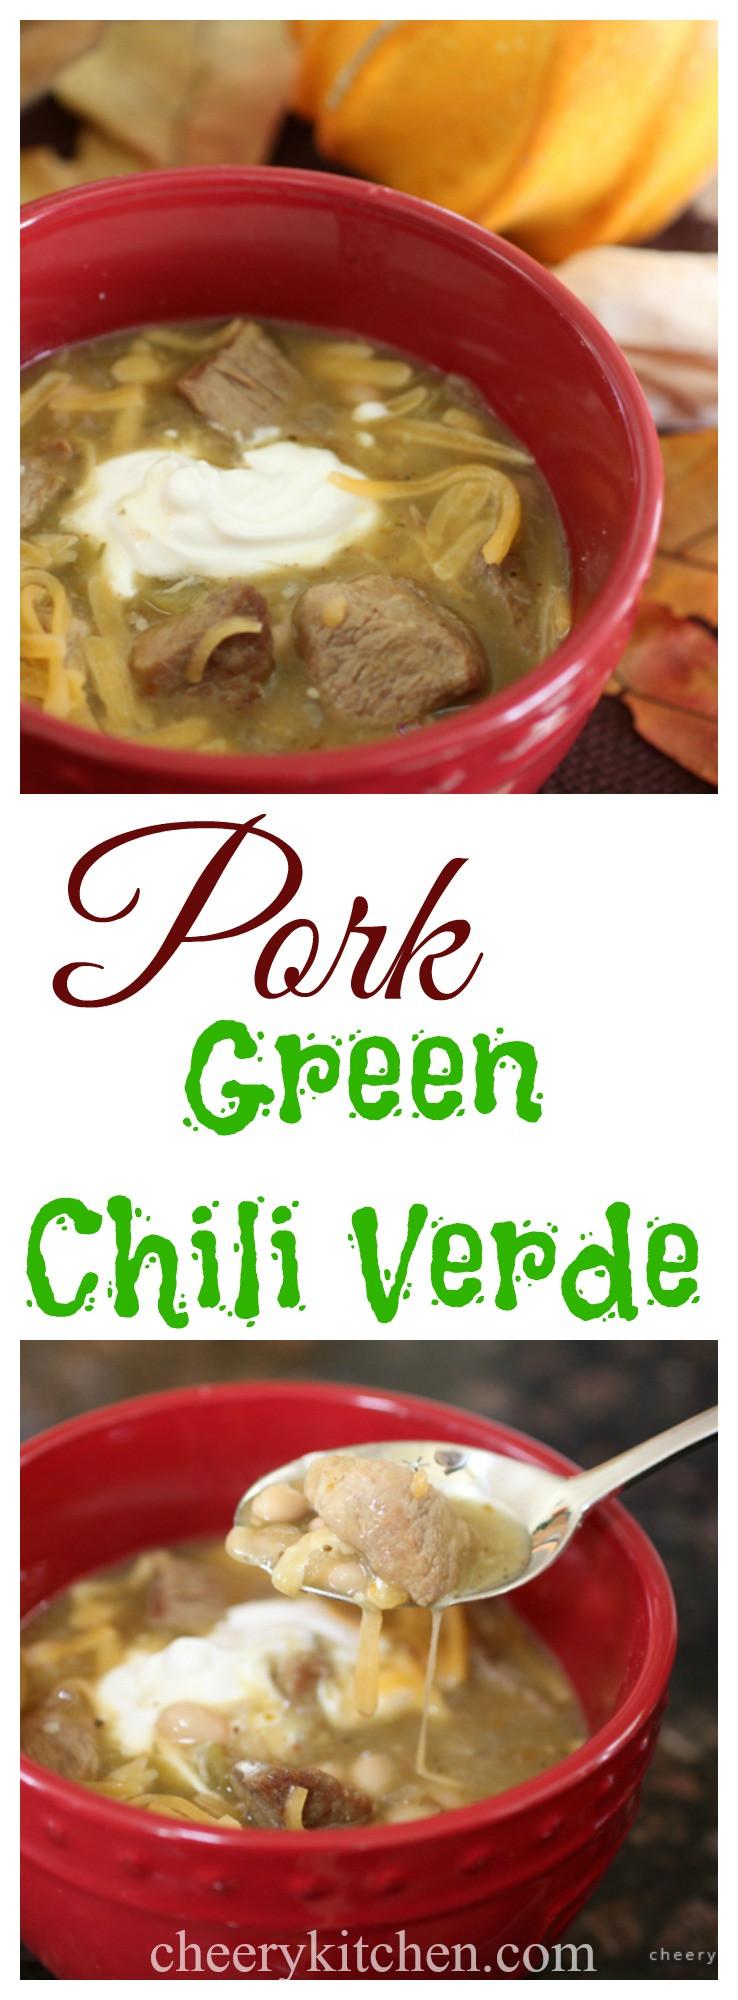 Pork Green Chili  Pork Green Chili Verde